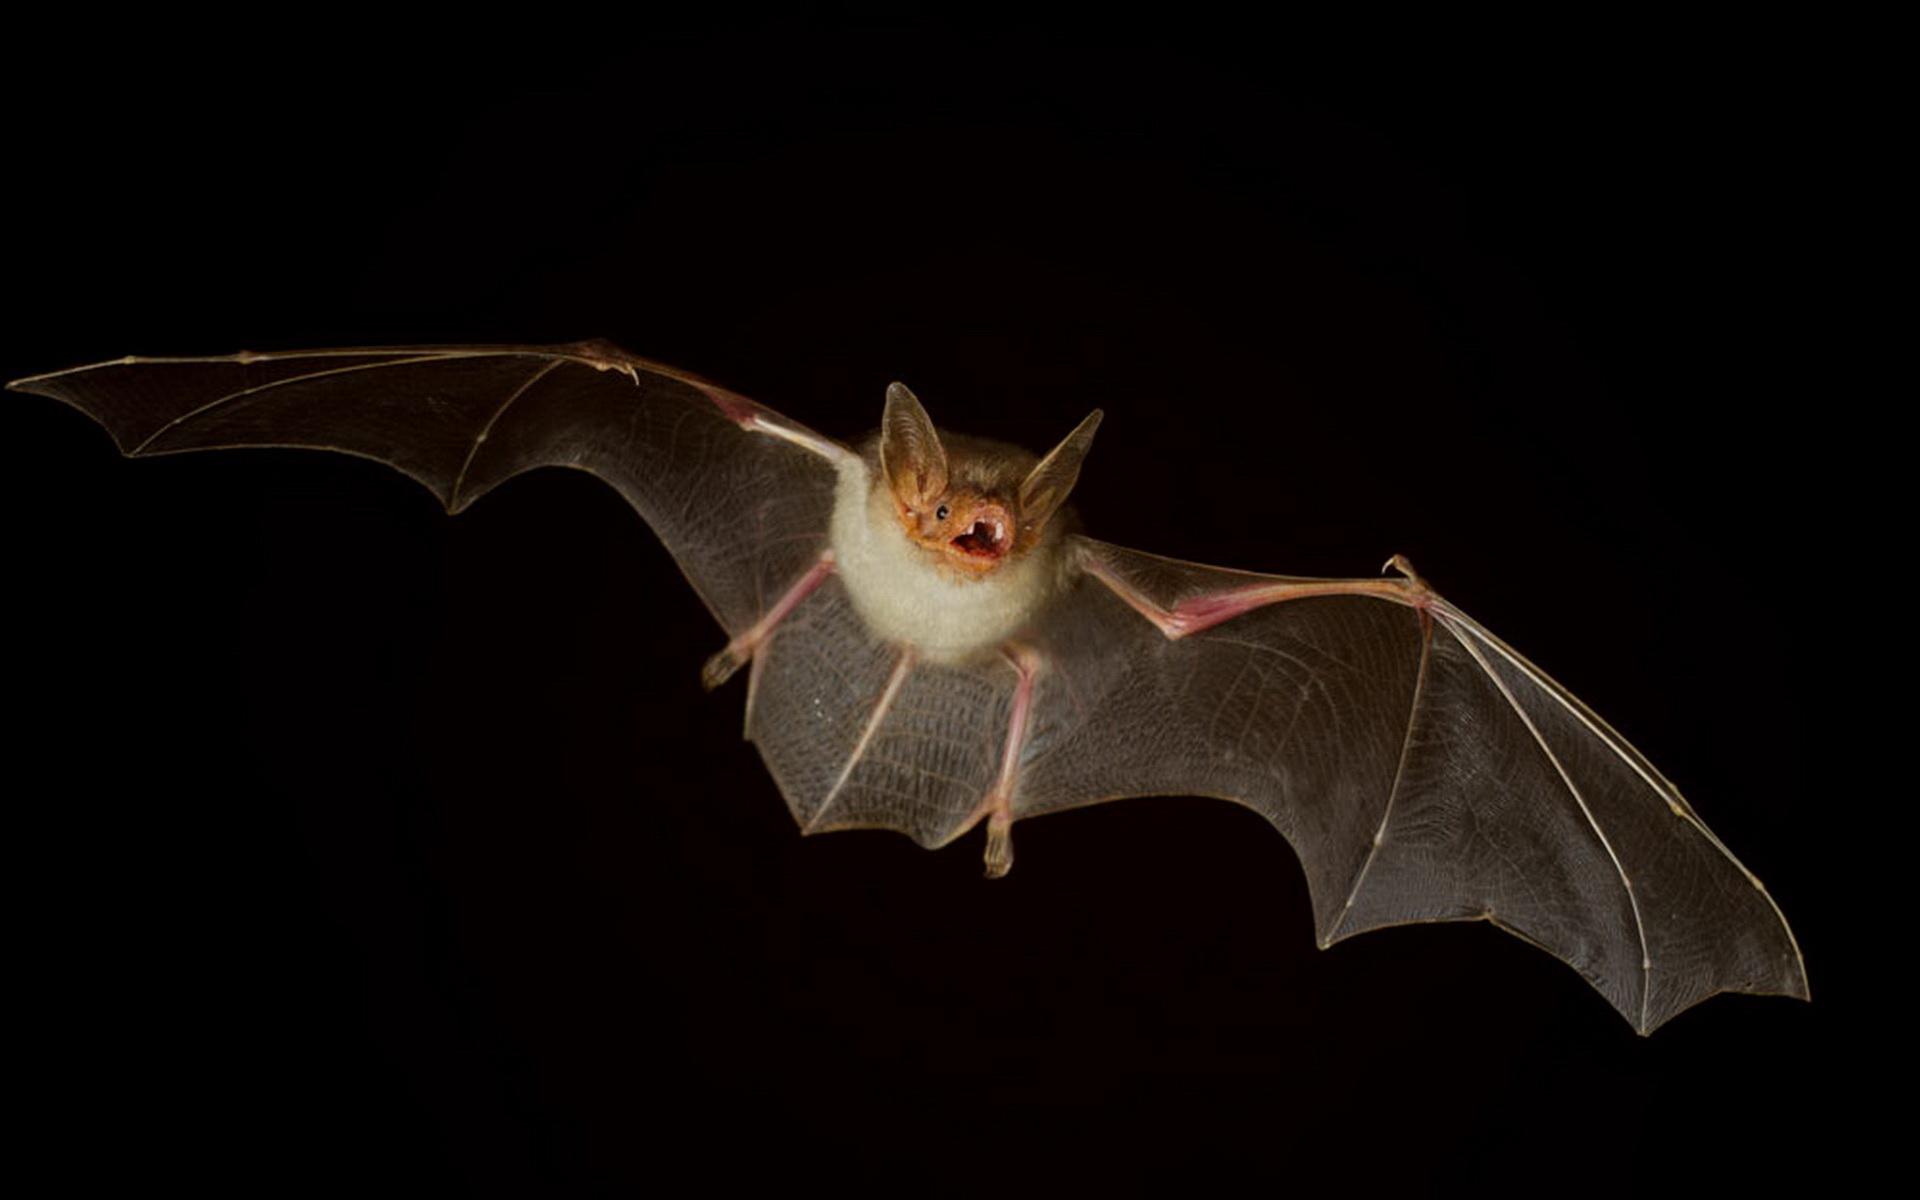 动物世界-蝙蝠宽桌面(1920x1200)壁纸